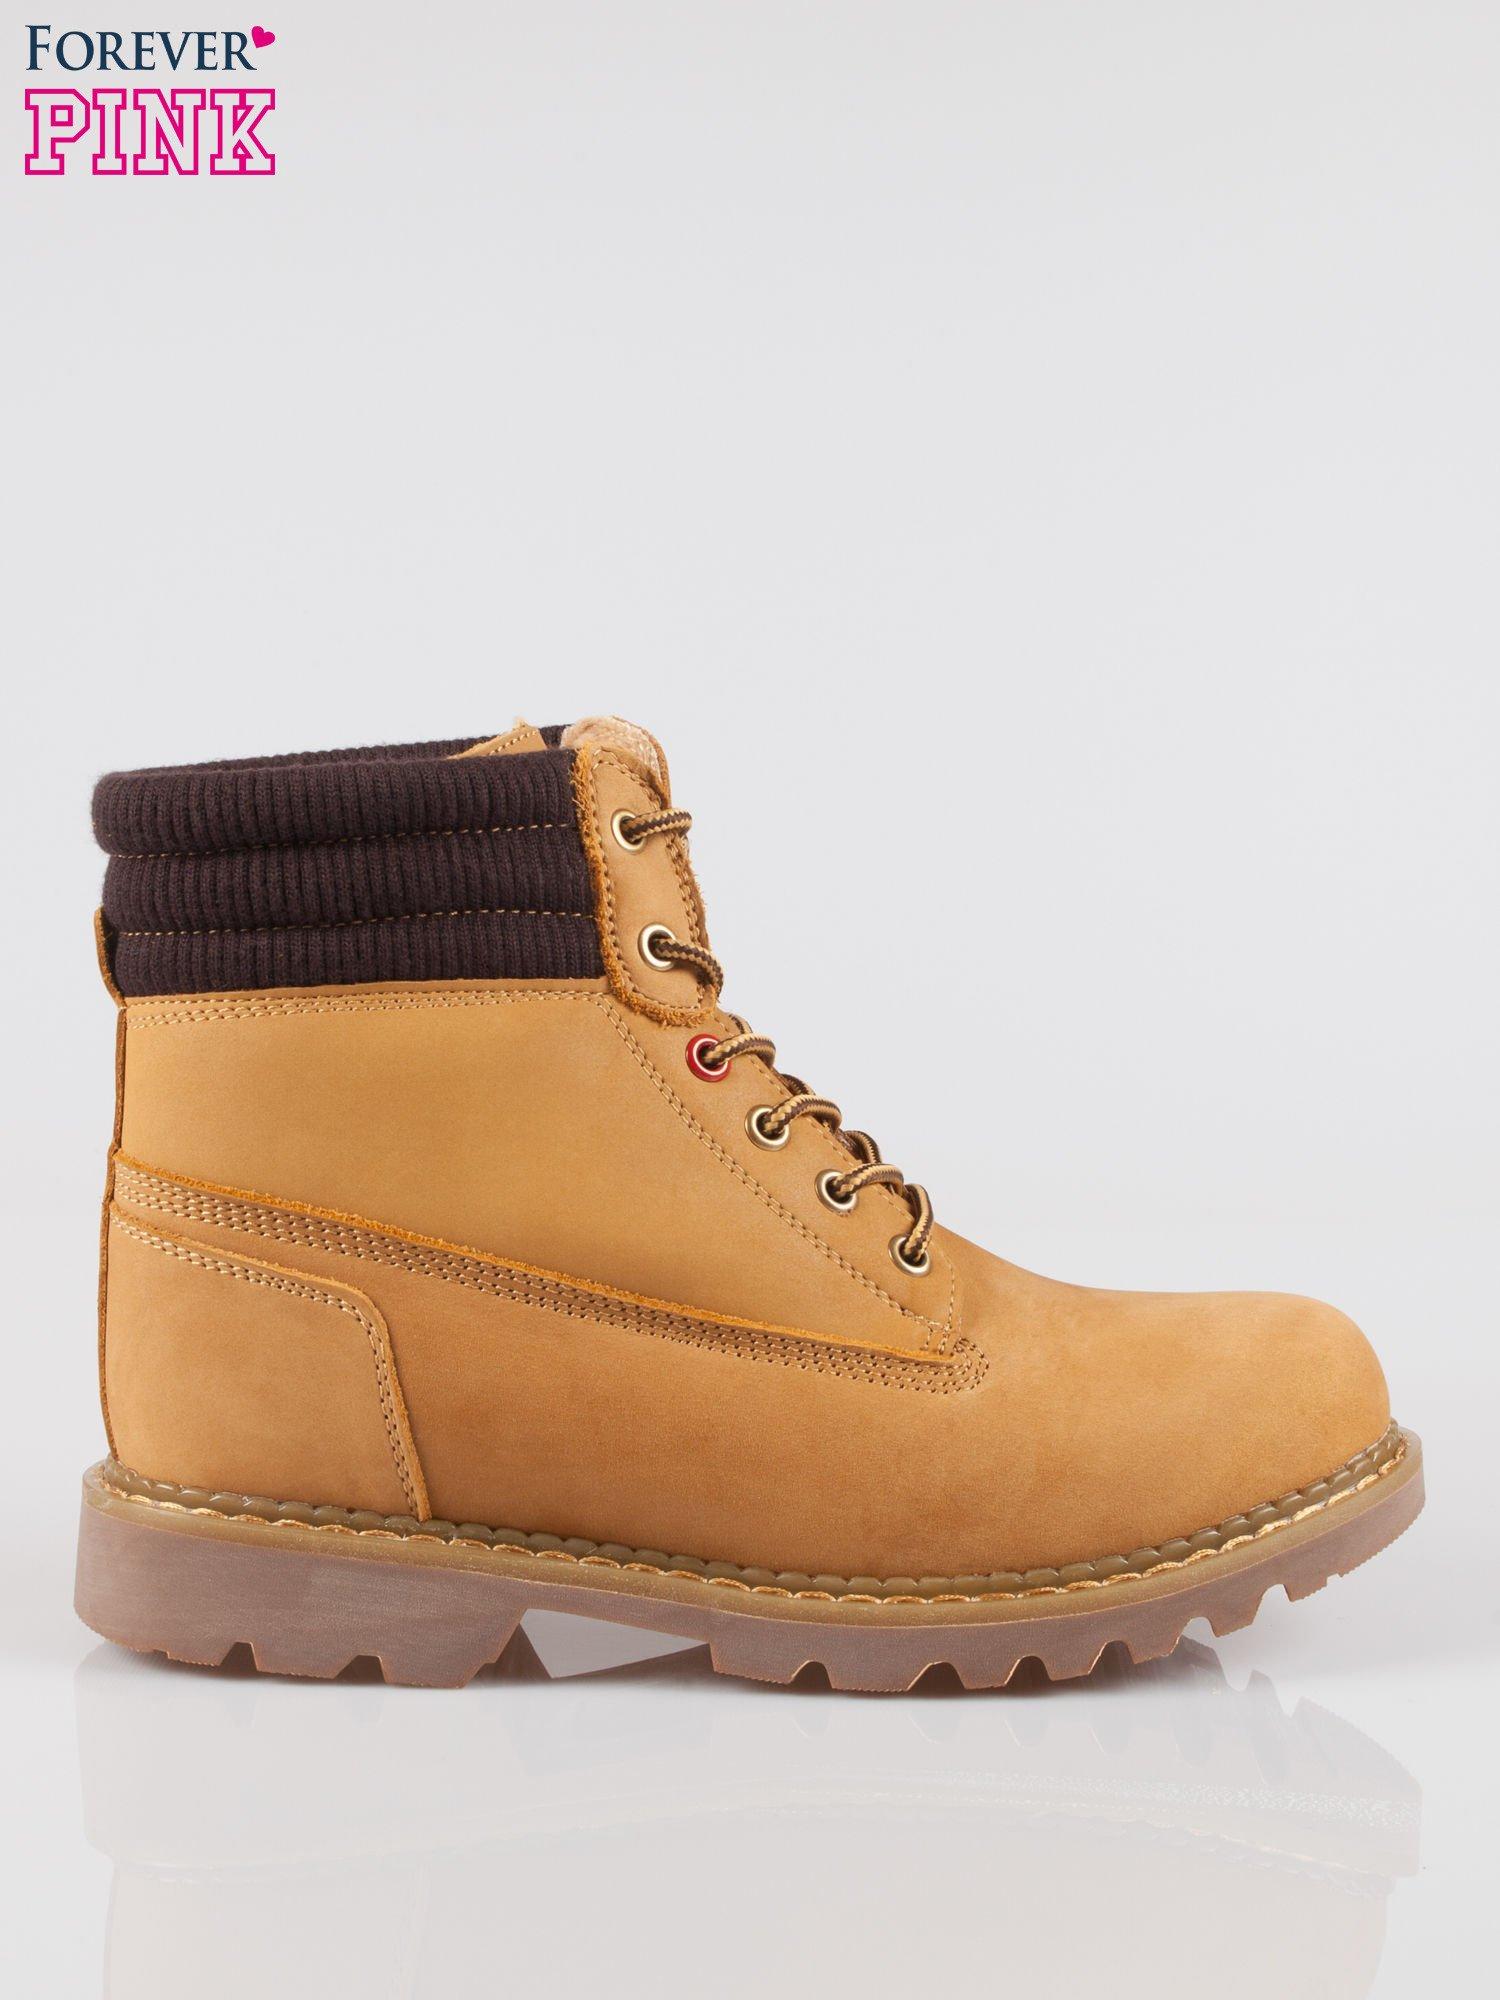 Camelowe buty trekkingowe traperki damskie z elastycznym kołnierzem ze skóry naturalnej                                  zdj.                                  1